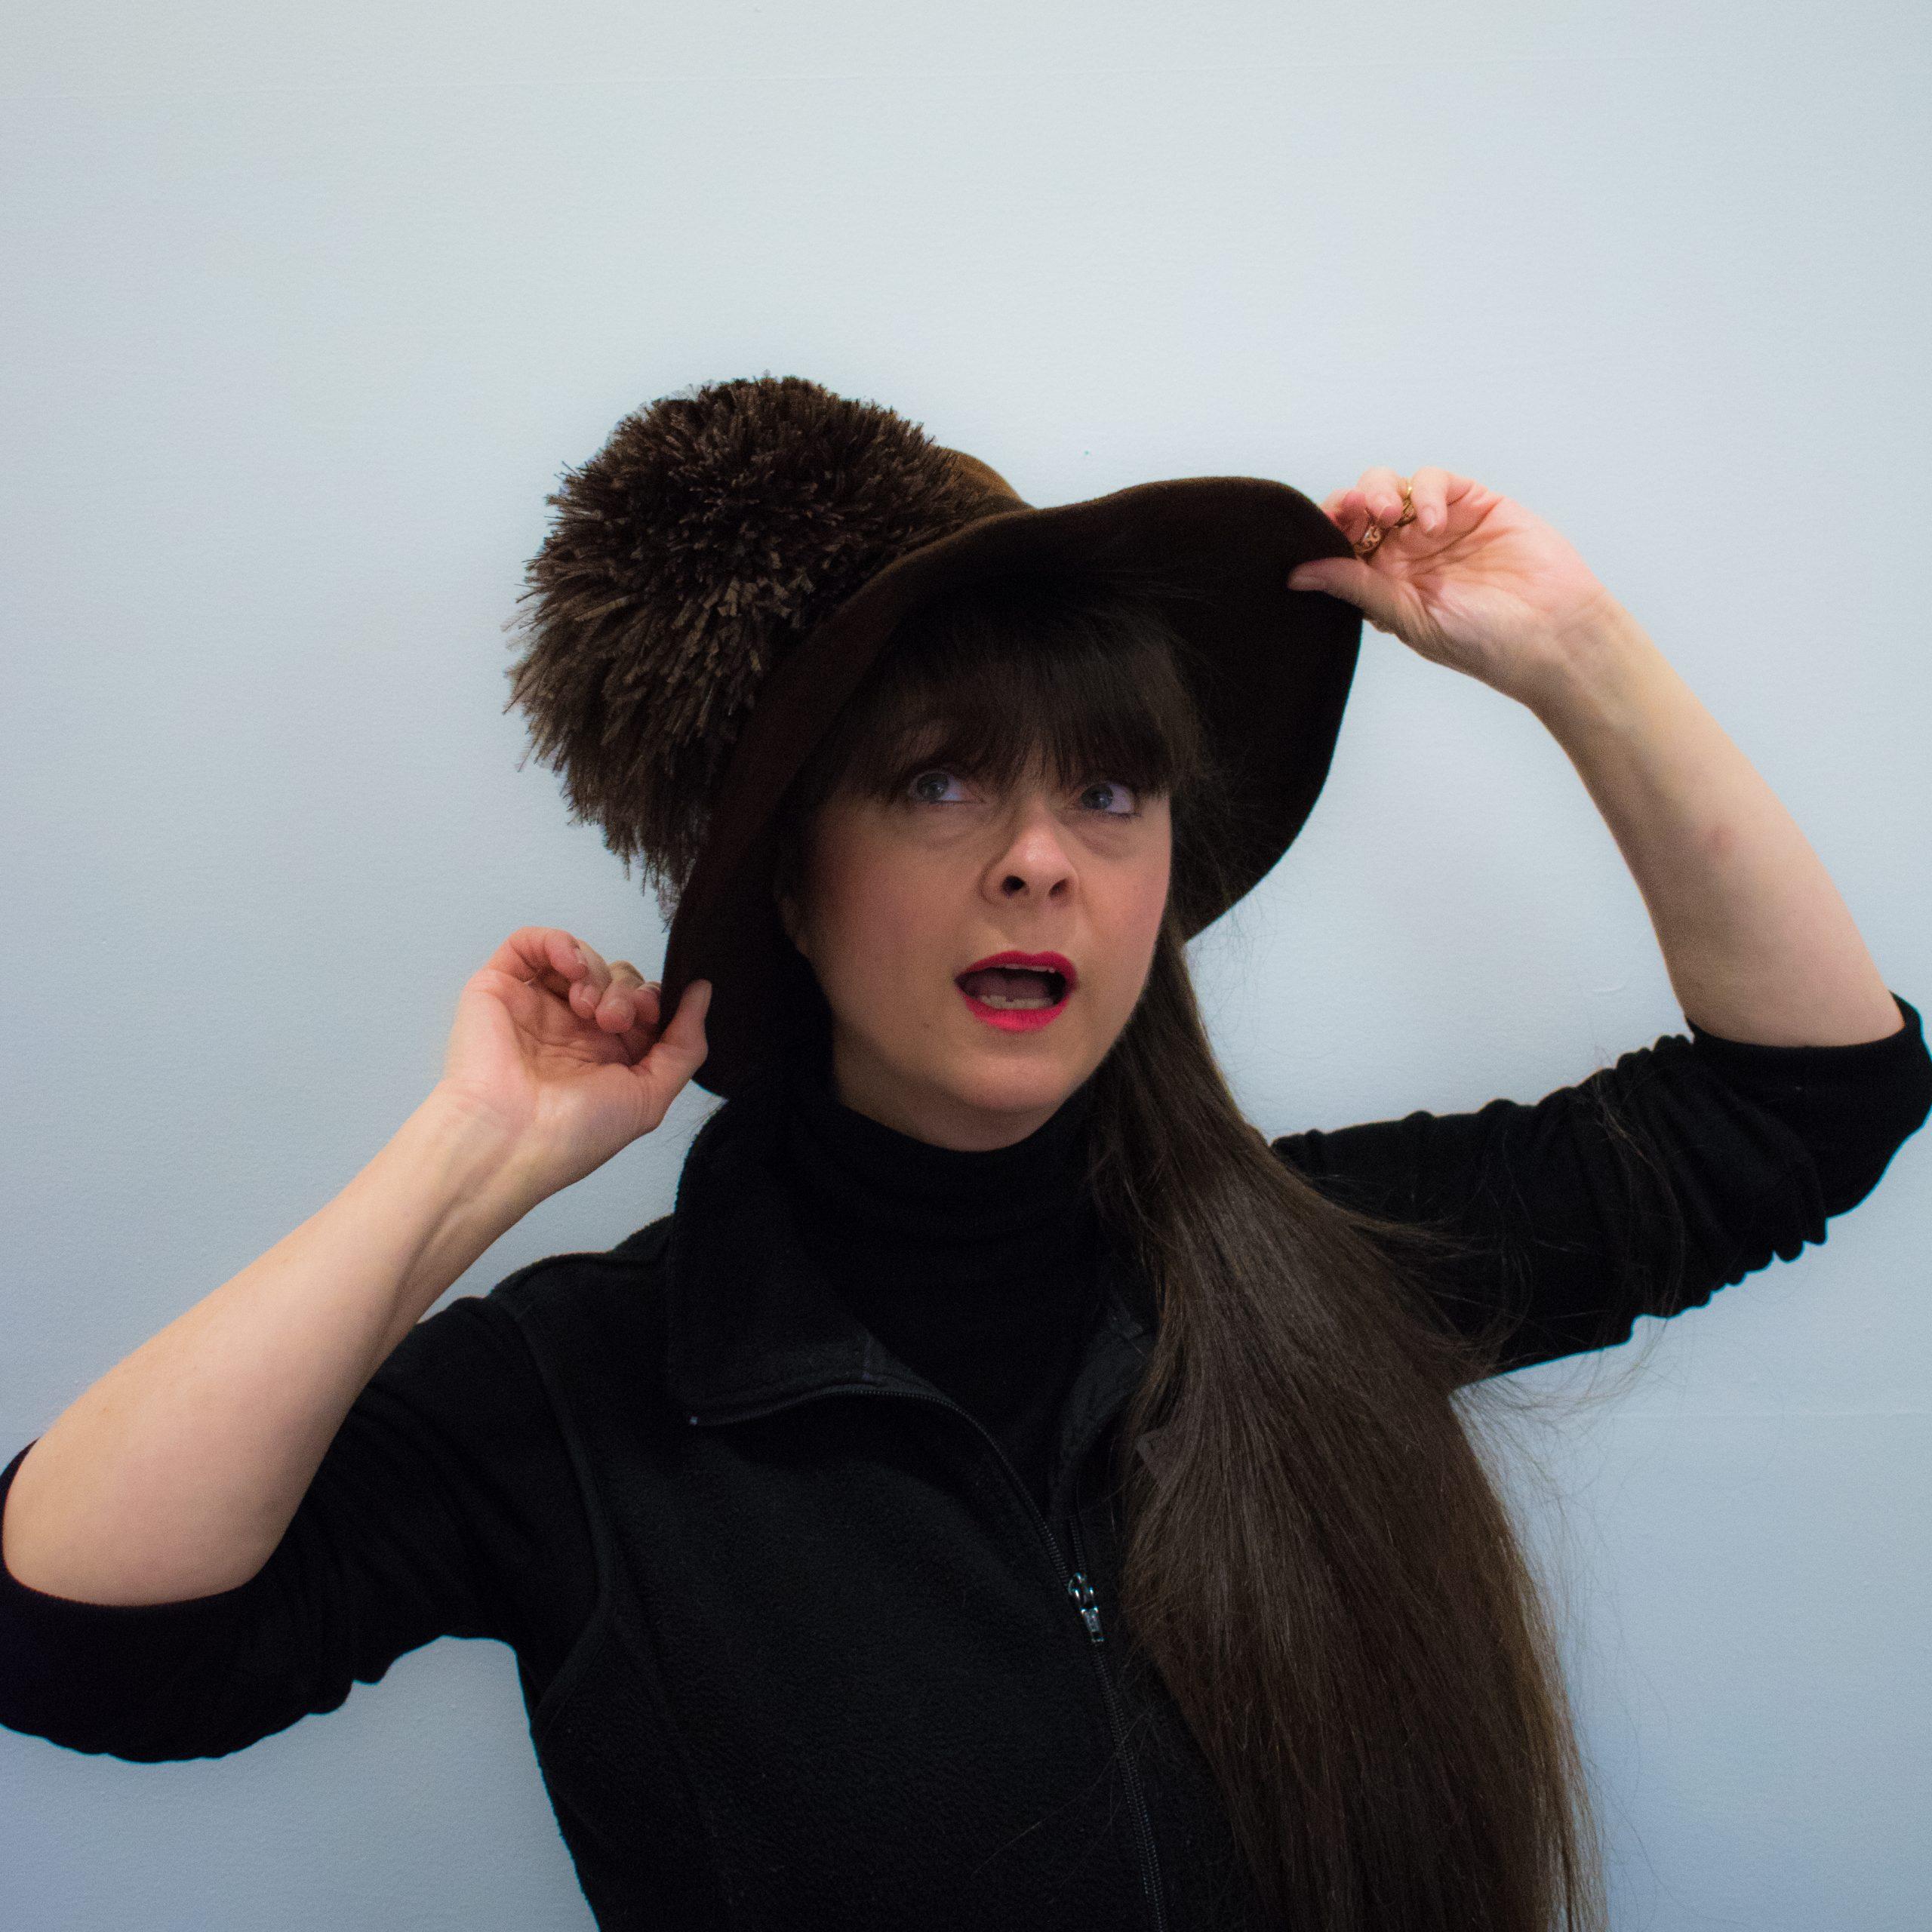 Mandy Tulloch